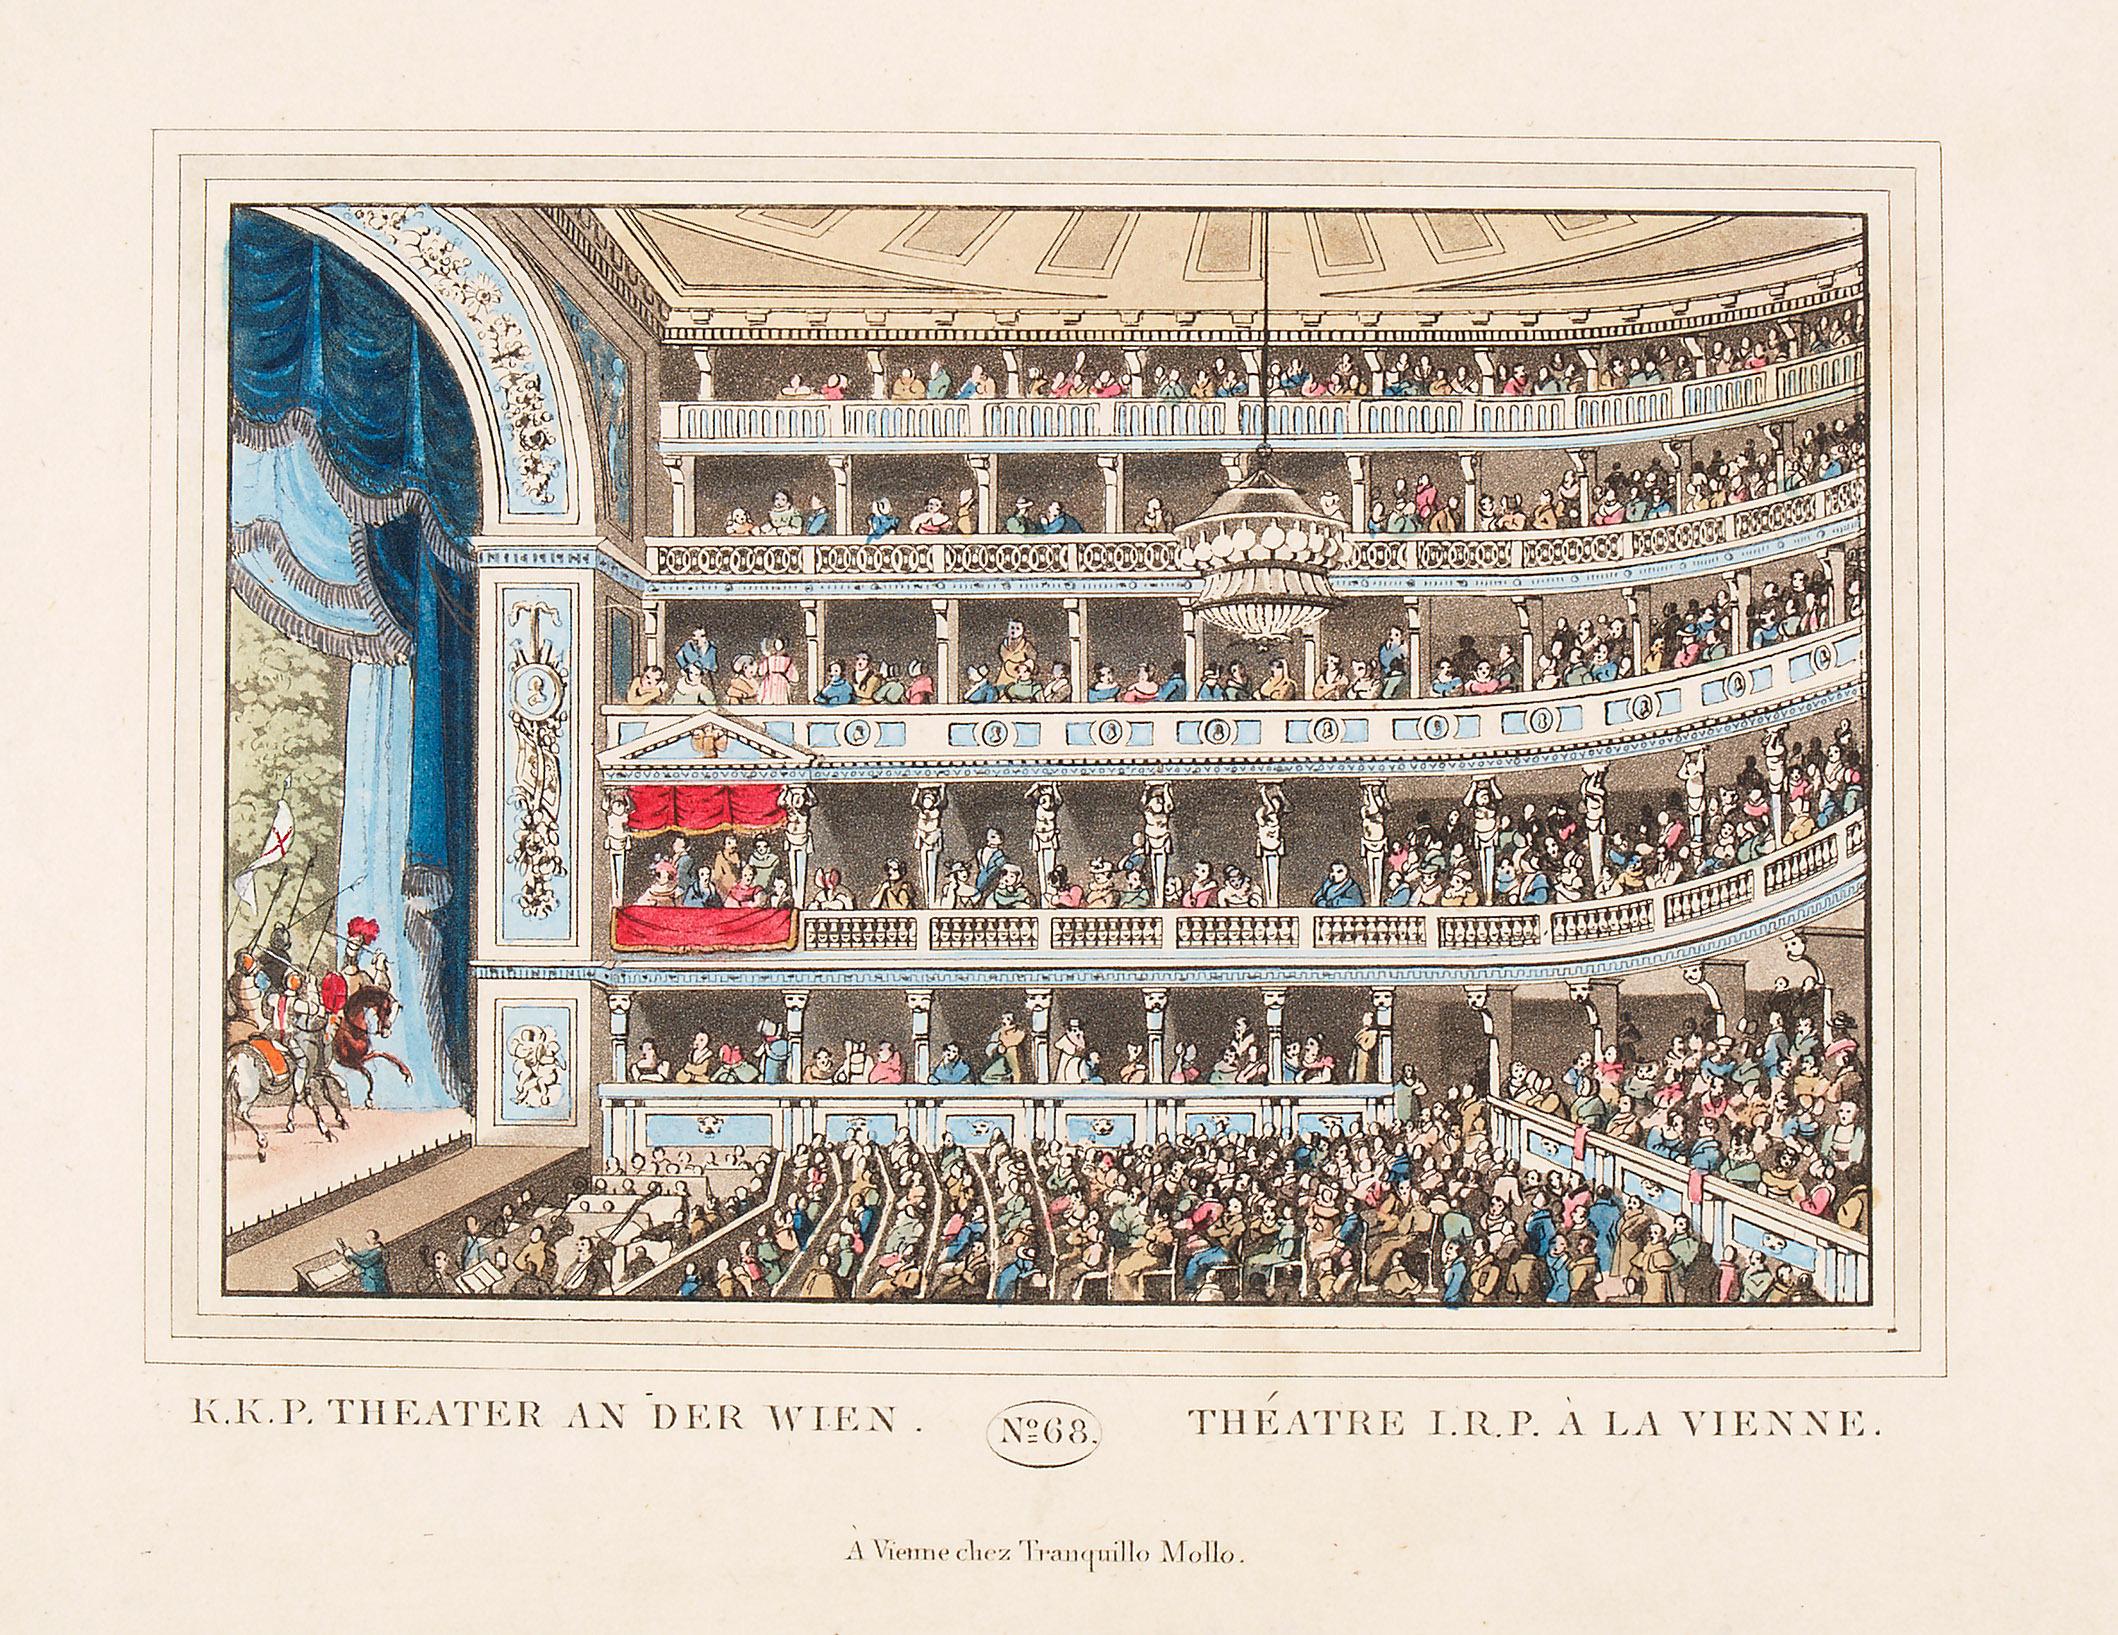 Wien, Theater an der Wien von anonym